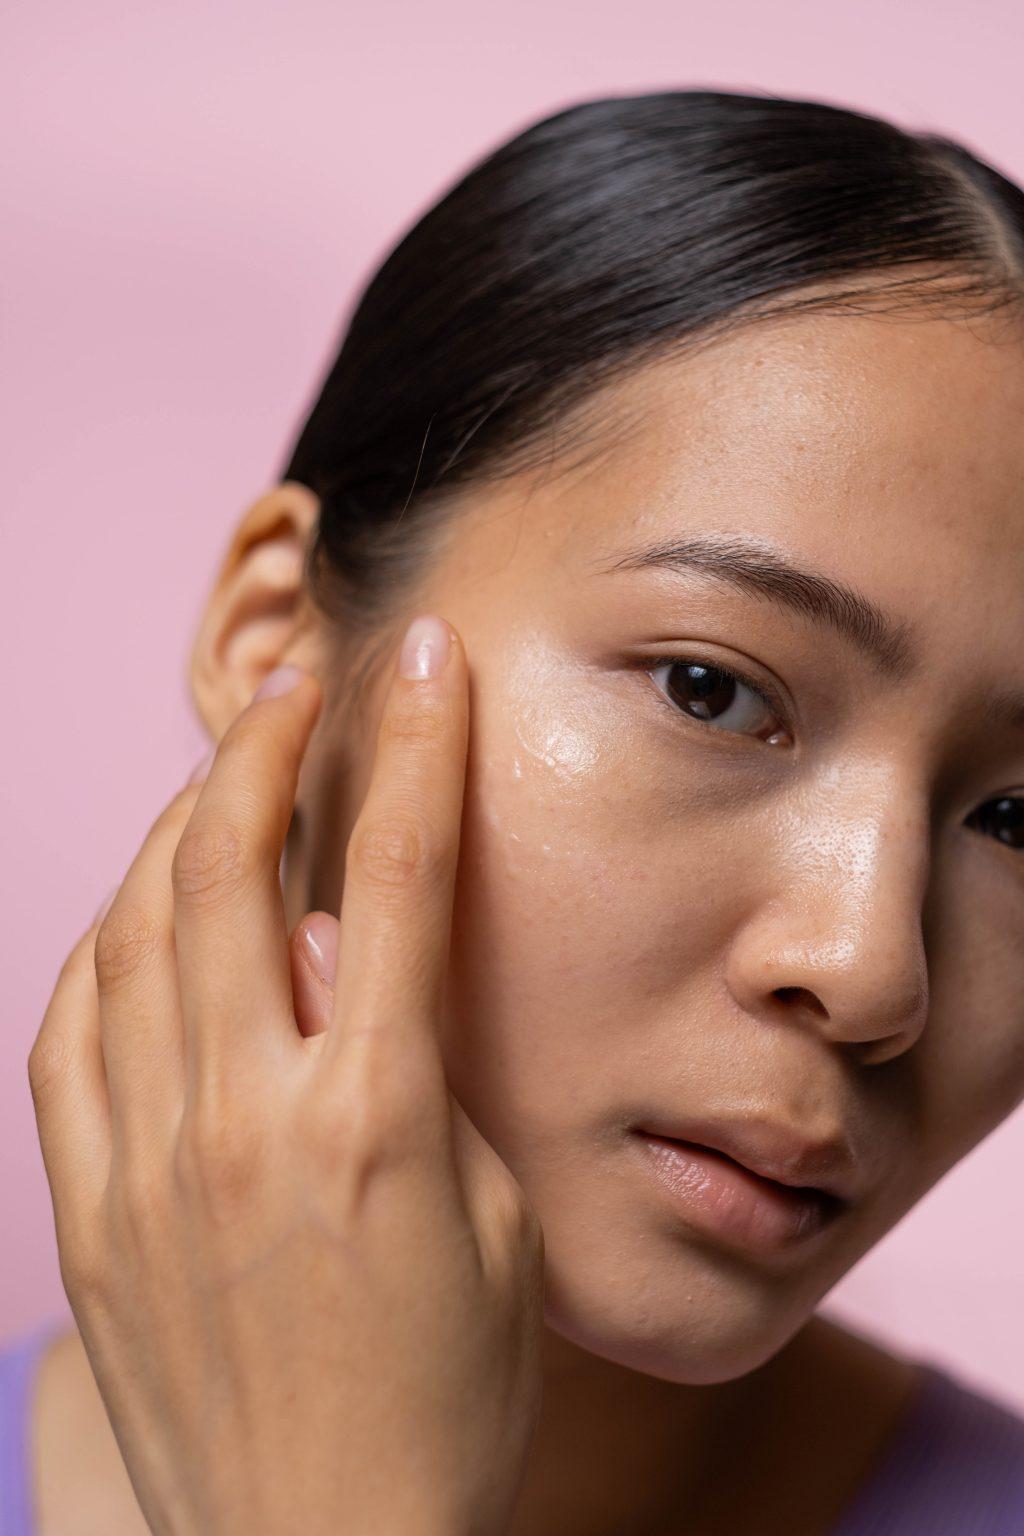 Nâng hạng dưỡng da cùng serum chứa thành phần vàng Niacinamide